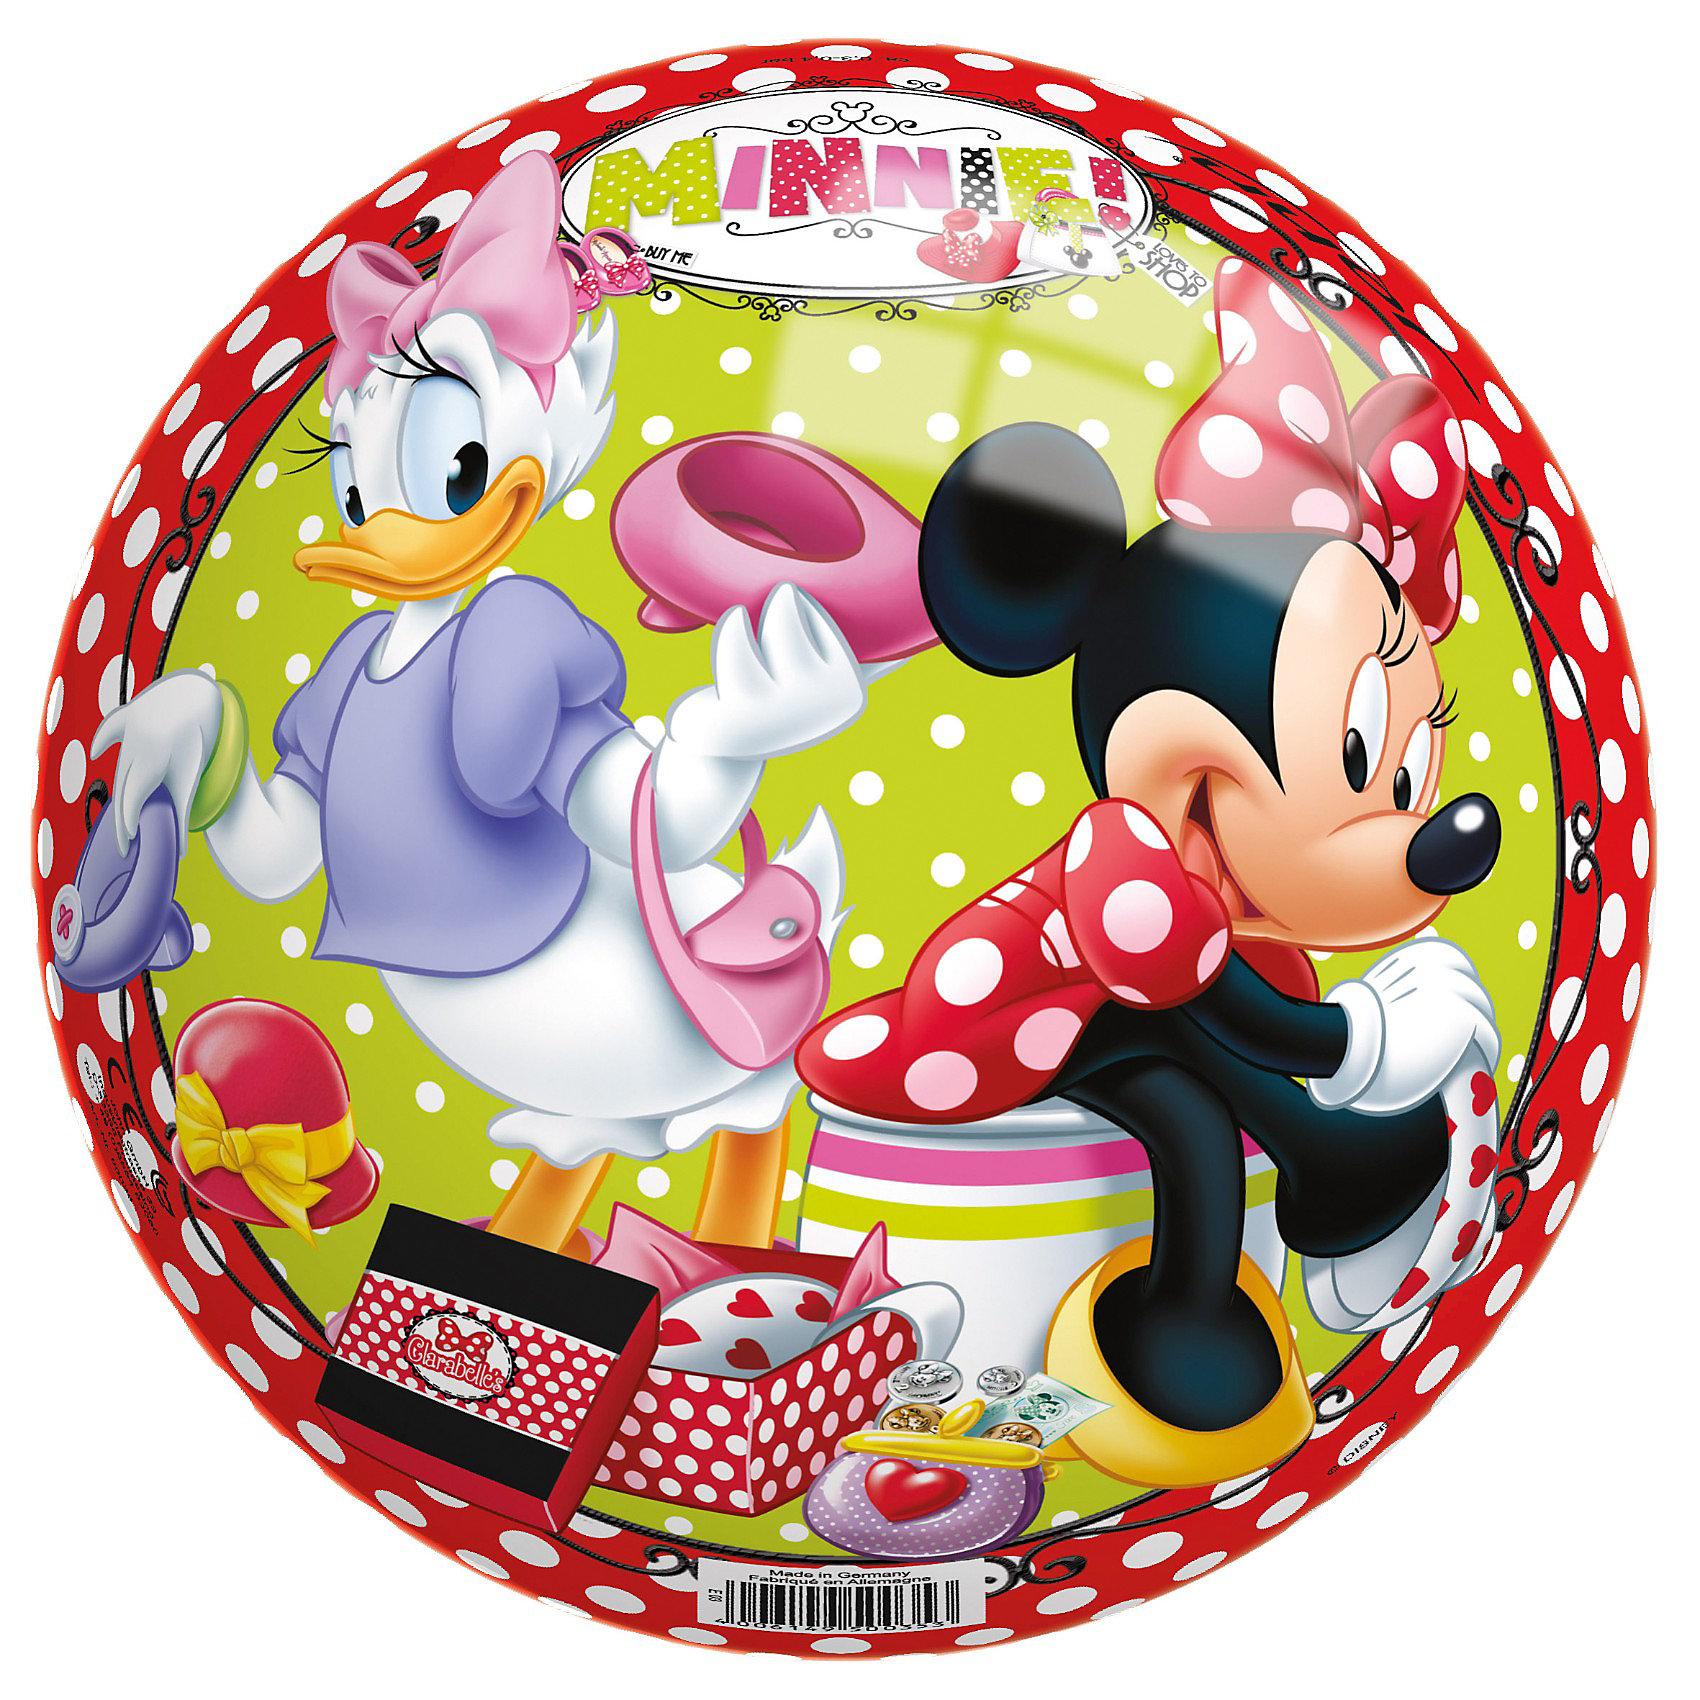 Мяч Минни, 230 мм, JOHNМяч Минни, 230 мм, John (Джон).<br><br>Характеристика:<br><br>• Материал: ПВХ, пластизоль.   <br>• Размер: 23 см. <br>• Оформлен изображением Minnie Mouse (Минни Маус). <br><br>Мяч с изображением очаровательной мышки Минни (Minnie Mouse) обязательно понравится любой девочке! Мяч отлично отскакивает от любой поверхности, изготовлен из прочных экологичных материалов абсолютно безопасных для детей, подходит для игр на улице и в помещении.<br>Игры с мячом помогают развить моторику рук, координацию, внимание и, конечно, подарят детям много положительных эмоций и веселья!<br><br>Мяч Минни, 230 мм, John (Джон), можно купить в нашем интернет-магазине.<br><br>Ширина мм: 225<br>Глубина мм: 215<br>Высота мм: 230<br>Вес г: 120<br>Возраст от месяцев: 36<br>Возраст до месяцев: 96<br>Пол: Женский<br>Возраст: Детский<br>SKU: 3334157